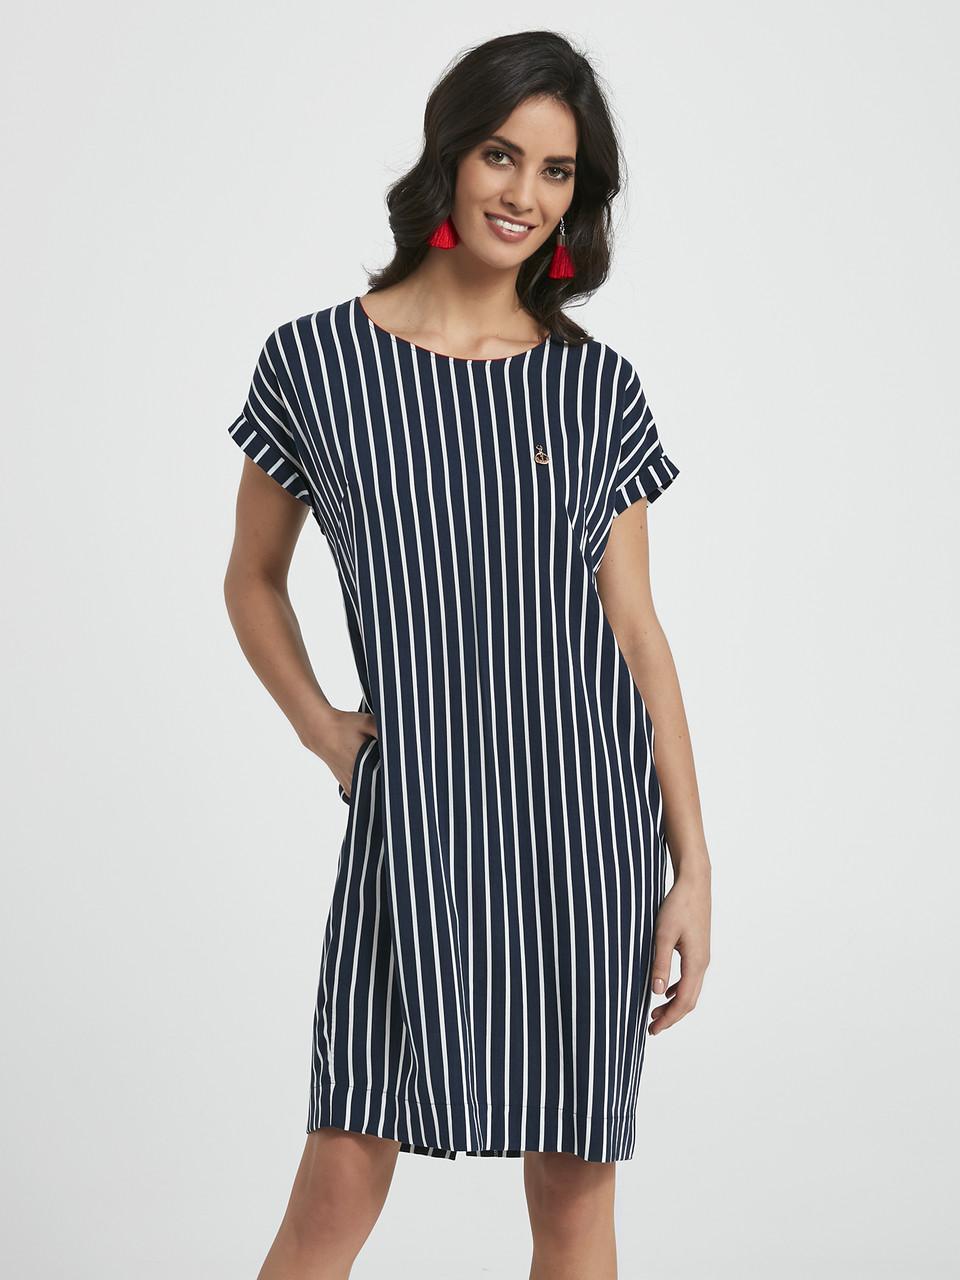 6b2522993ee9ef Женское летнее платье в полоску темно-синего цвета. Модель 250043 Enny,  коллекция весна-лето 2018, цена 920 грн., купить в Одессе — Prom.ua  (ID#75947321)